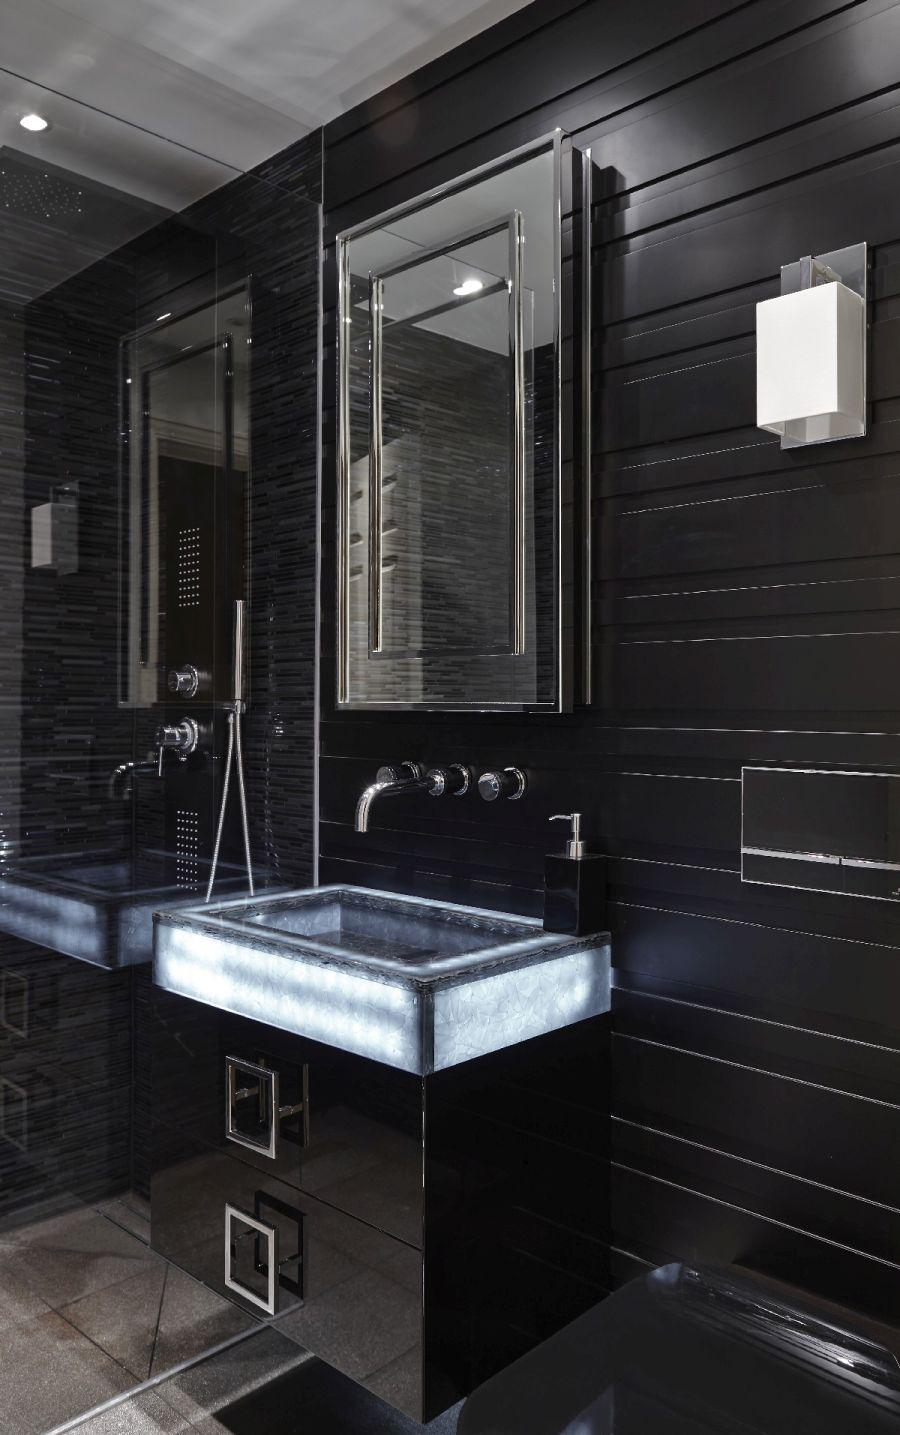 120 кв. м луксозен апартамент в Лондон_14